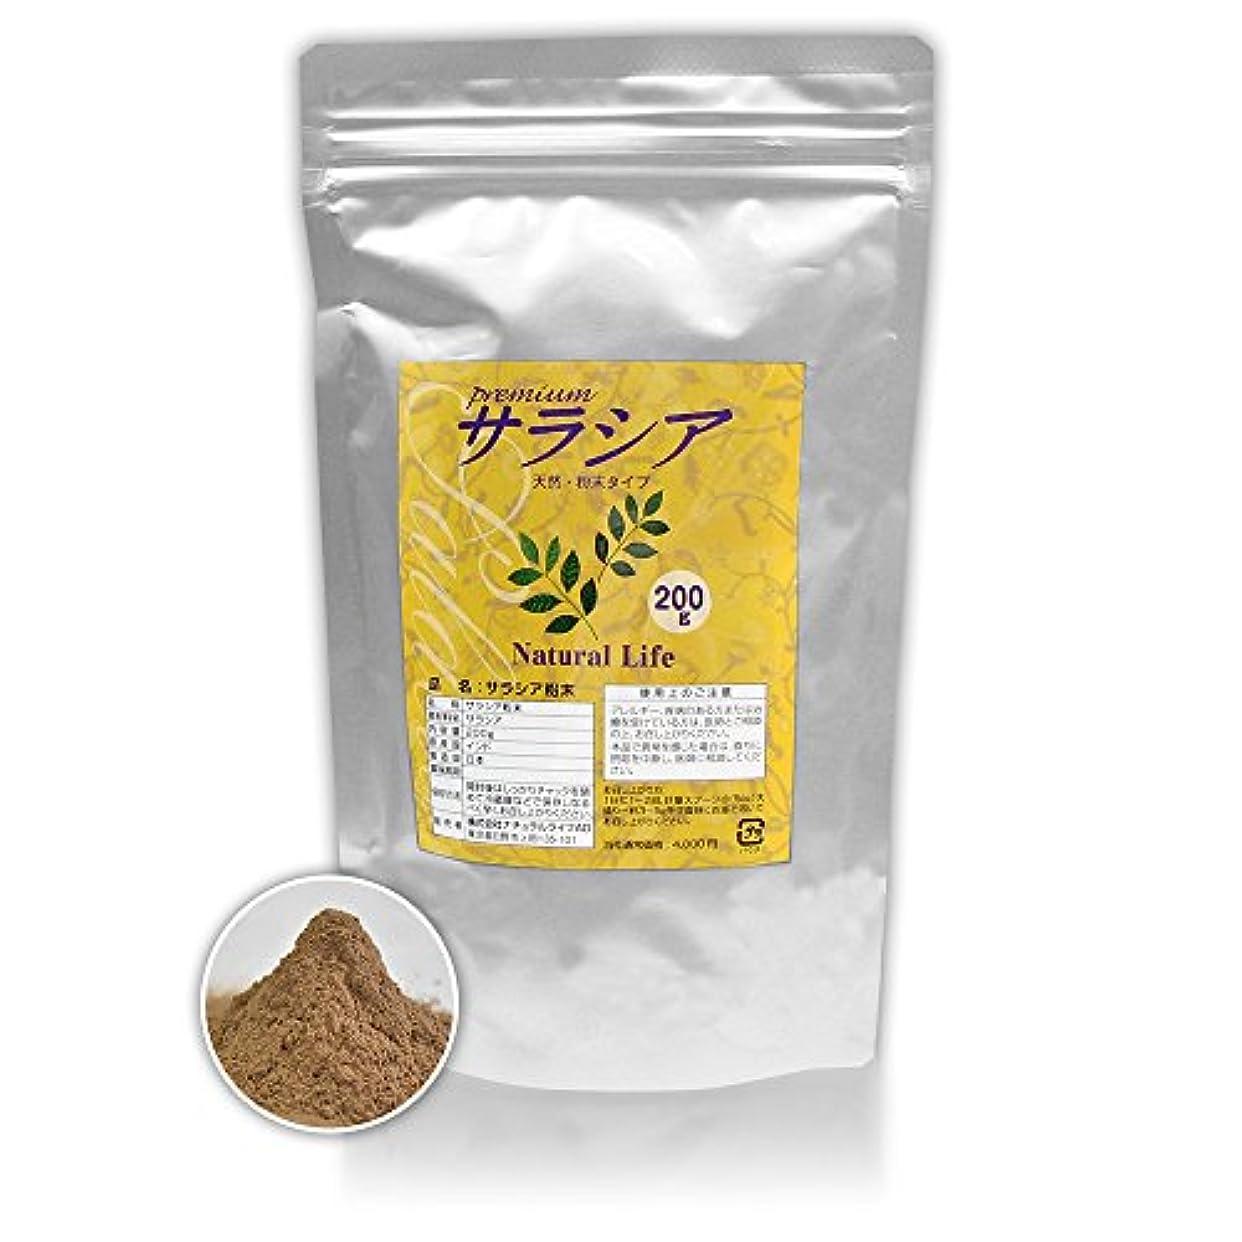 新しさ養う操縦するサラシア粉末[200g]天然ピュア原料(無添加)健康食品(さらしあ,レティキュラータ)